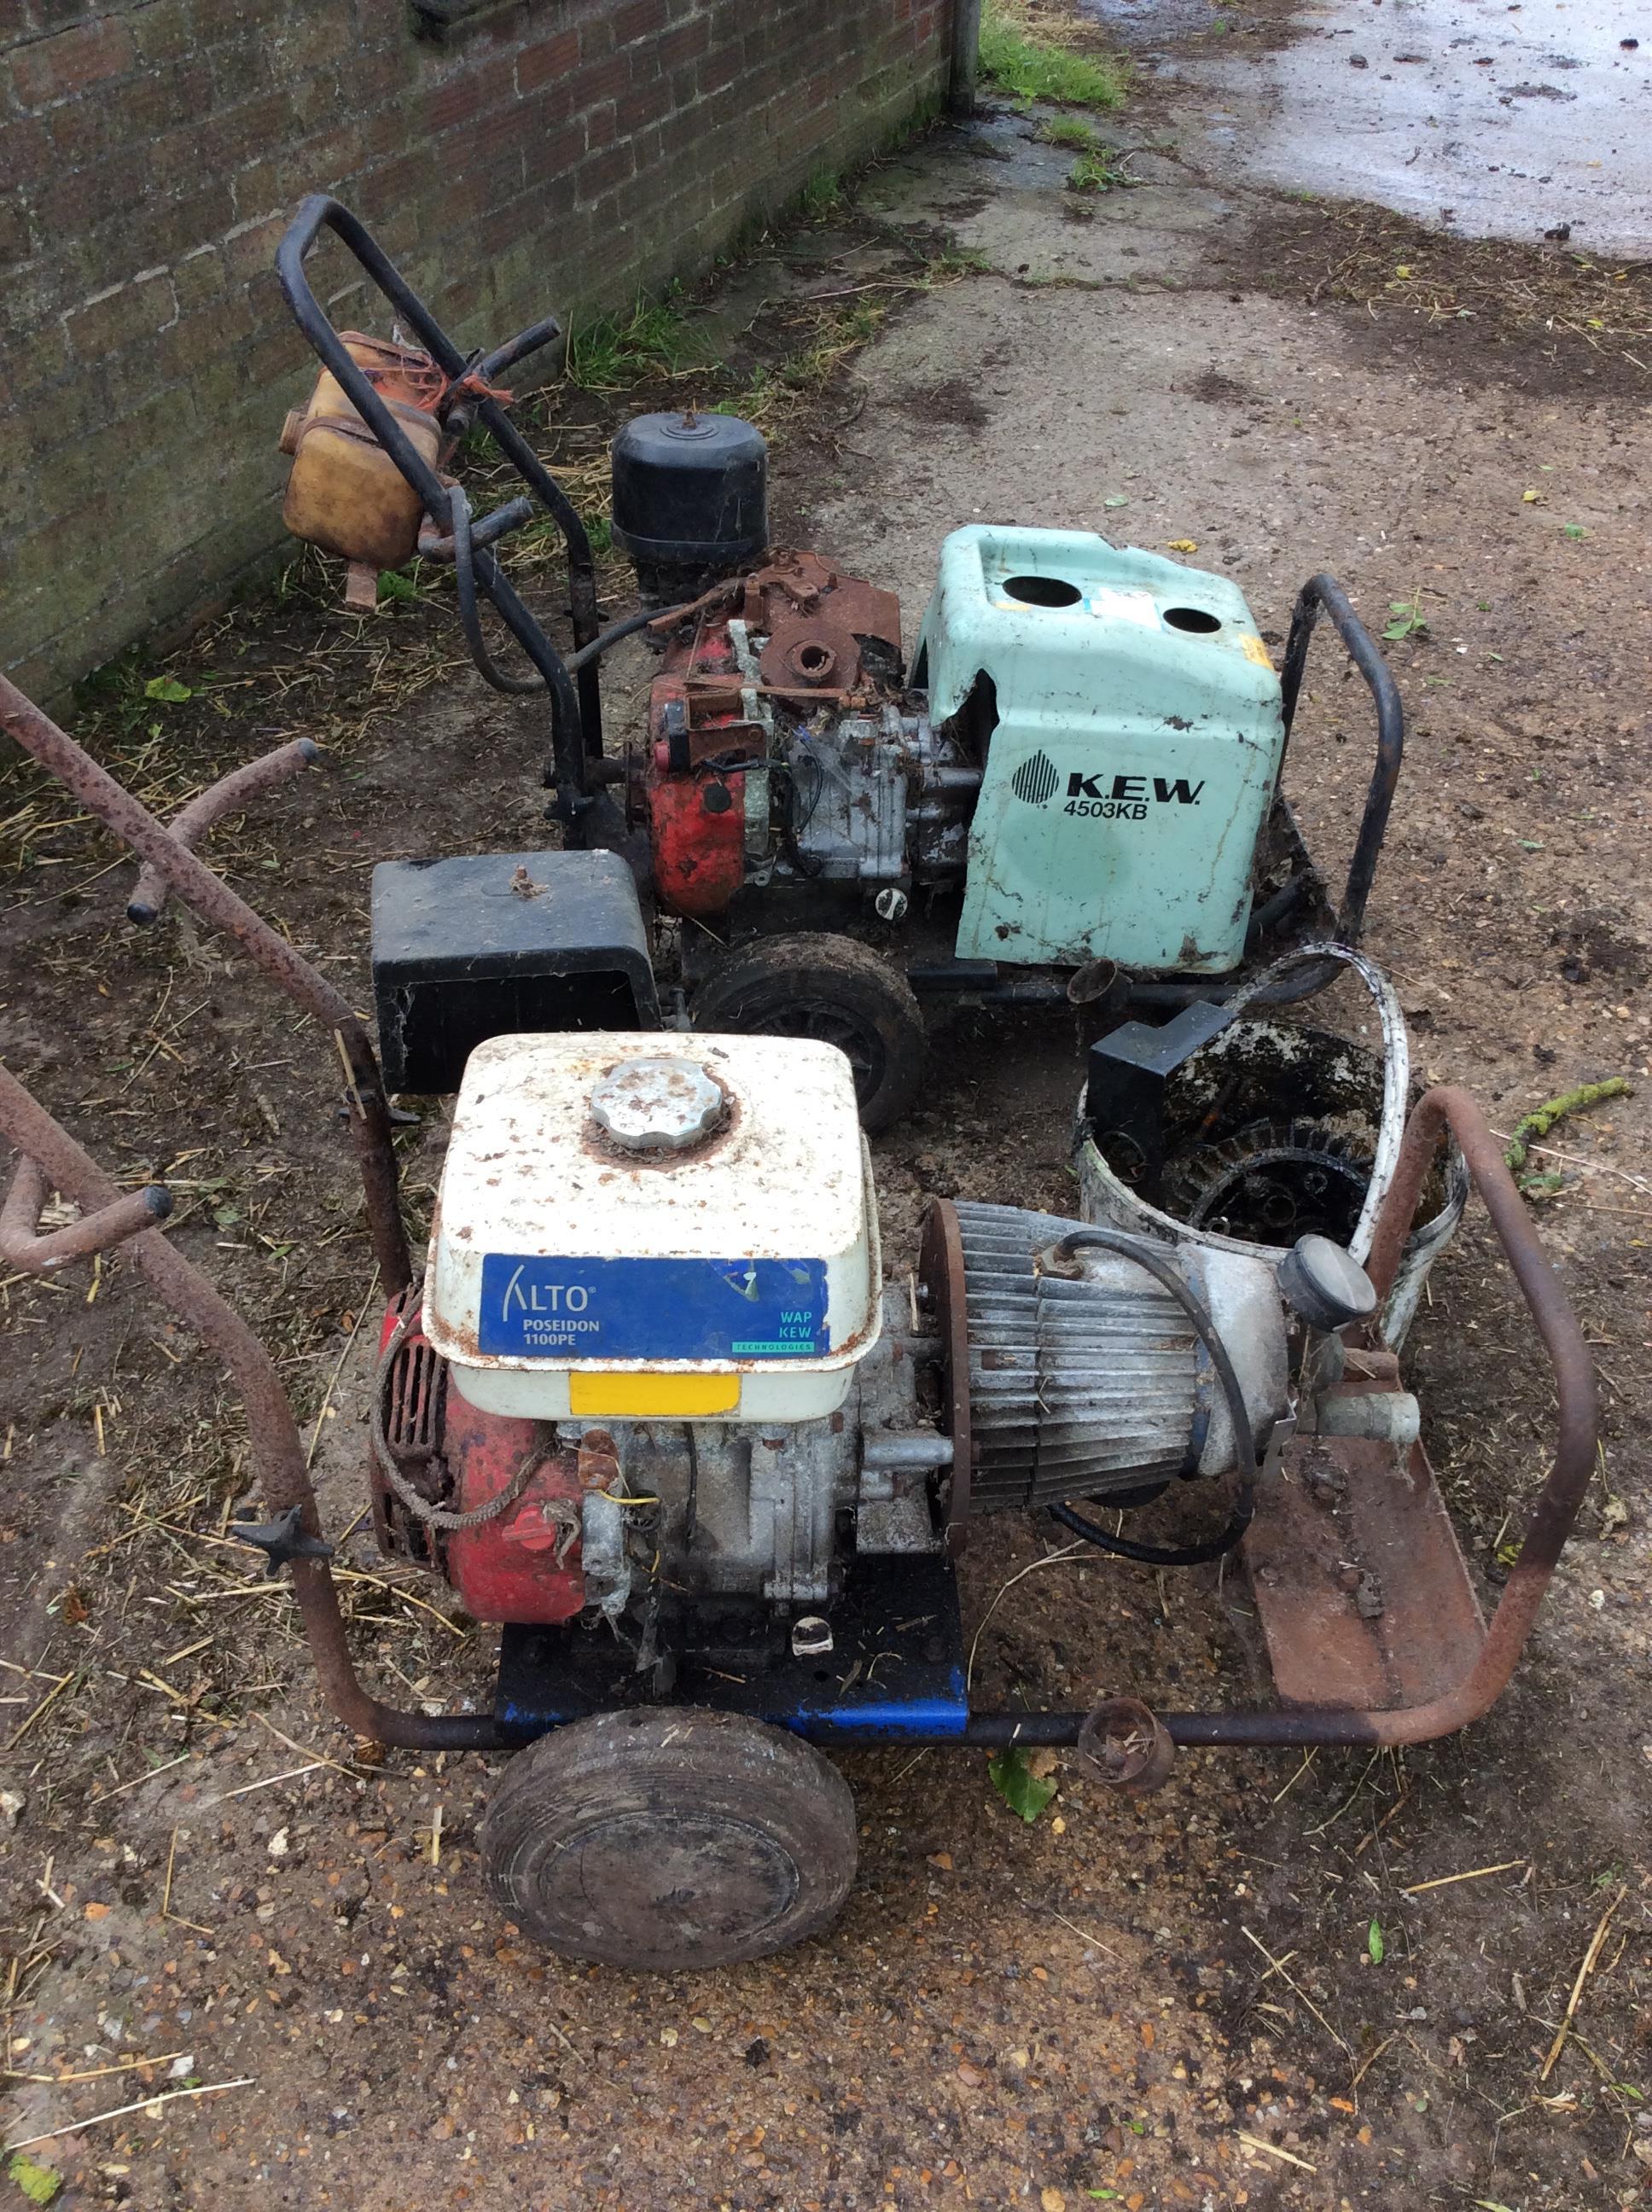 Lot 16 - Alto Poseidon 110 PE pressure washer.